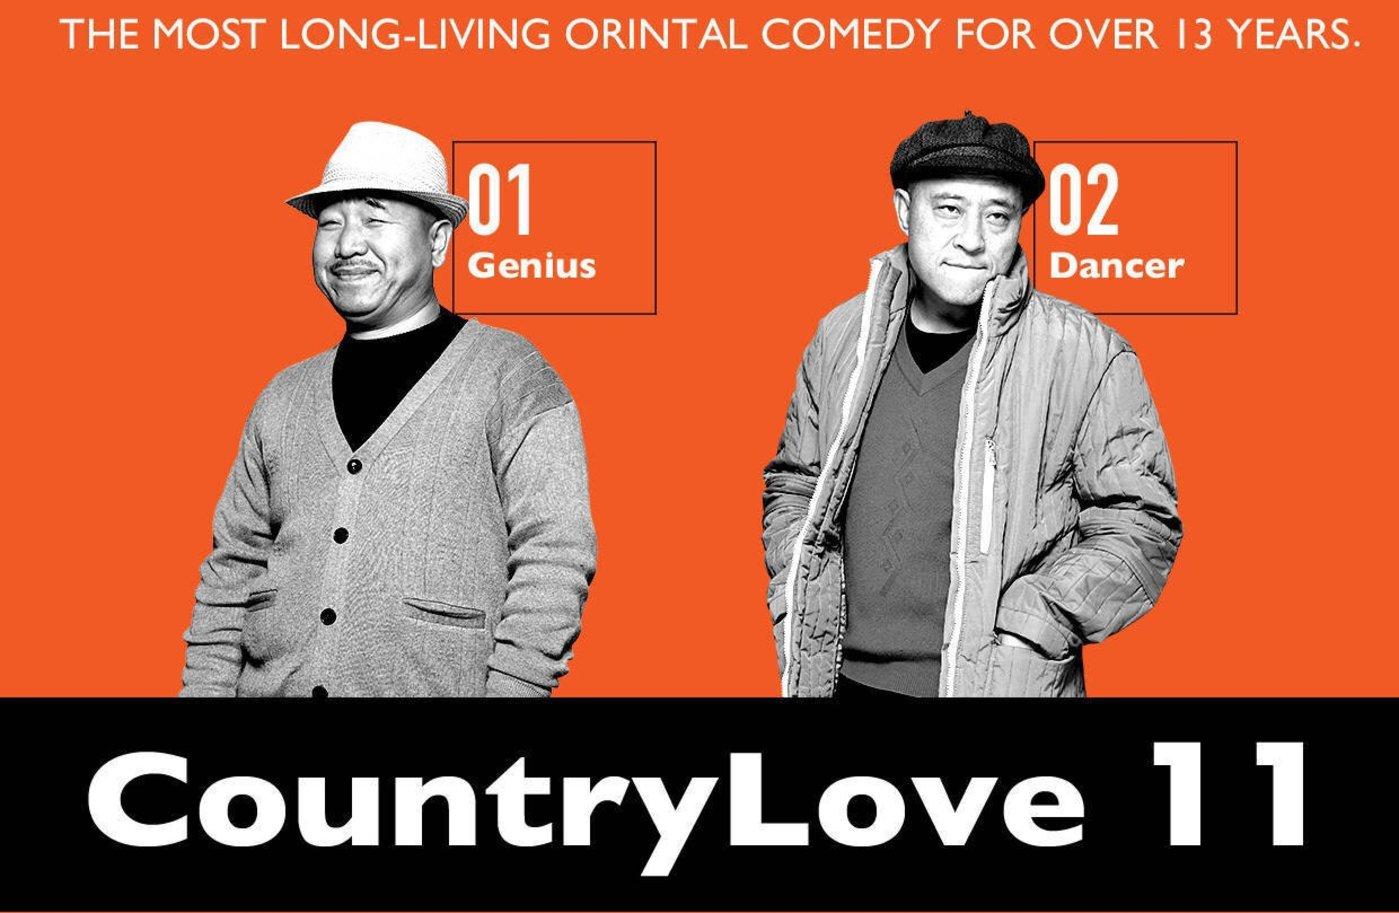 图片来源于《乡村爱情》官方海报